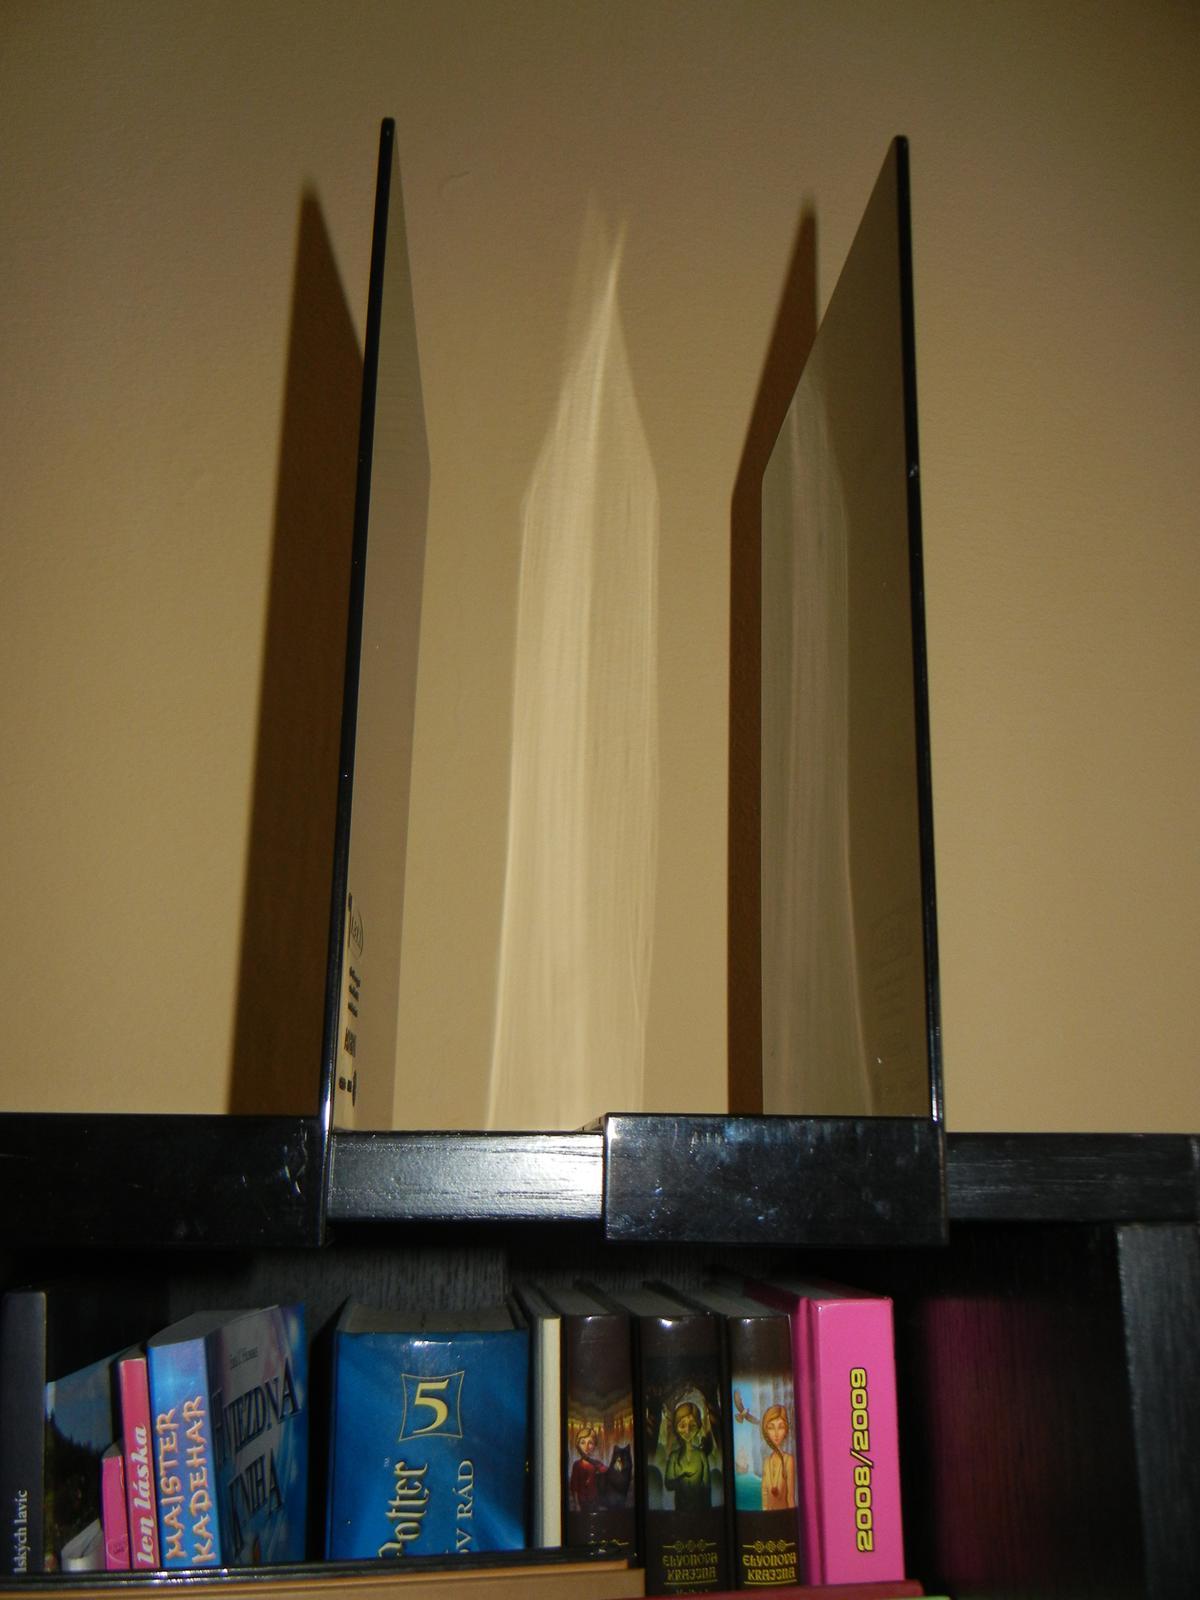 Ikea policová zarážka na knihy - Obrázok č. 2